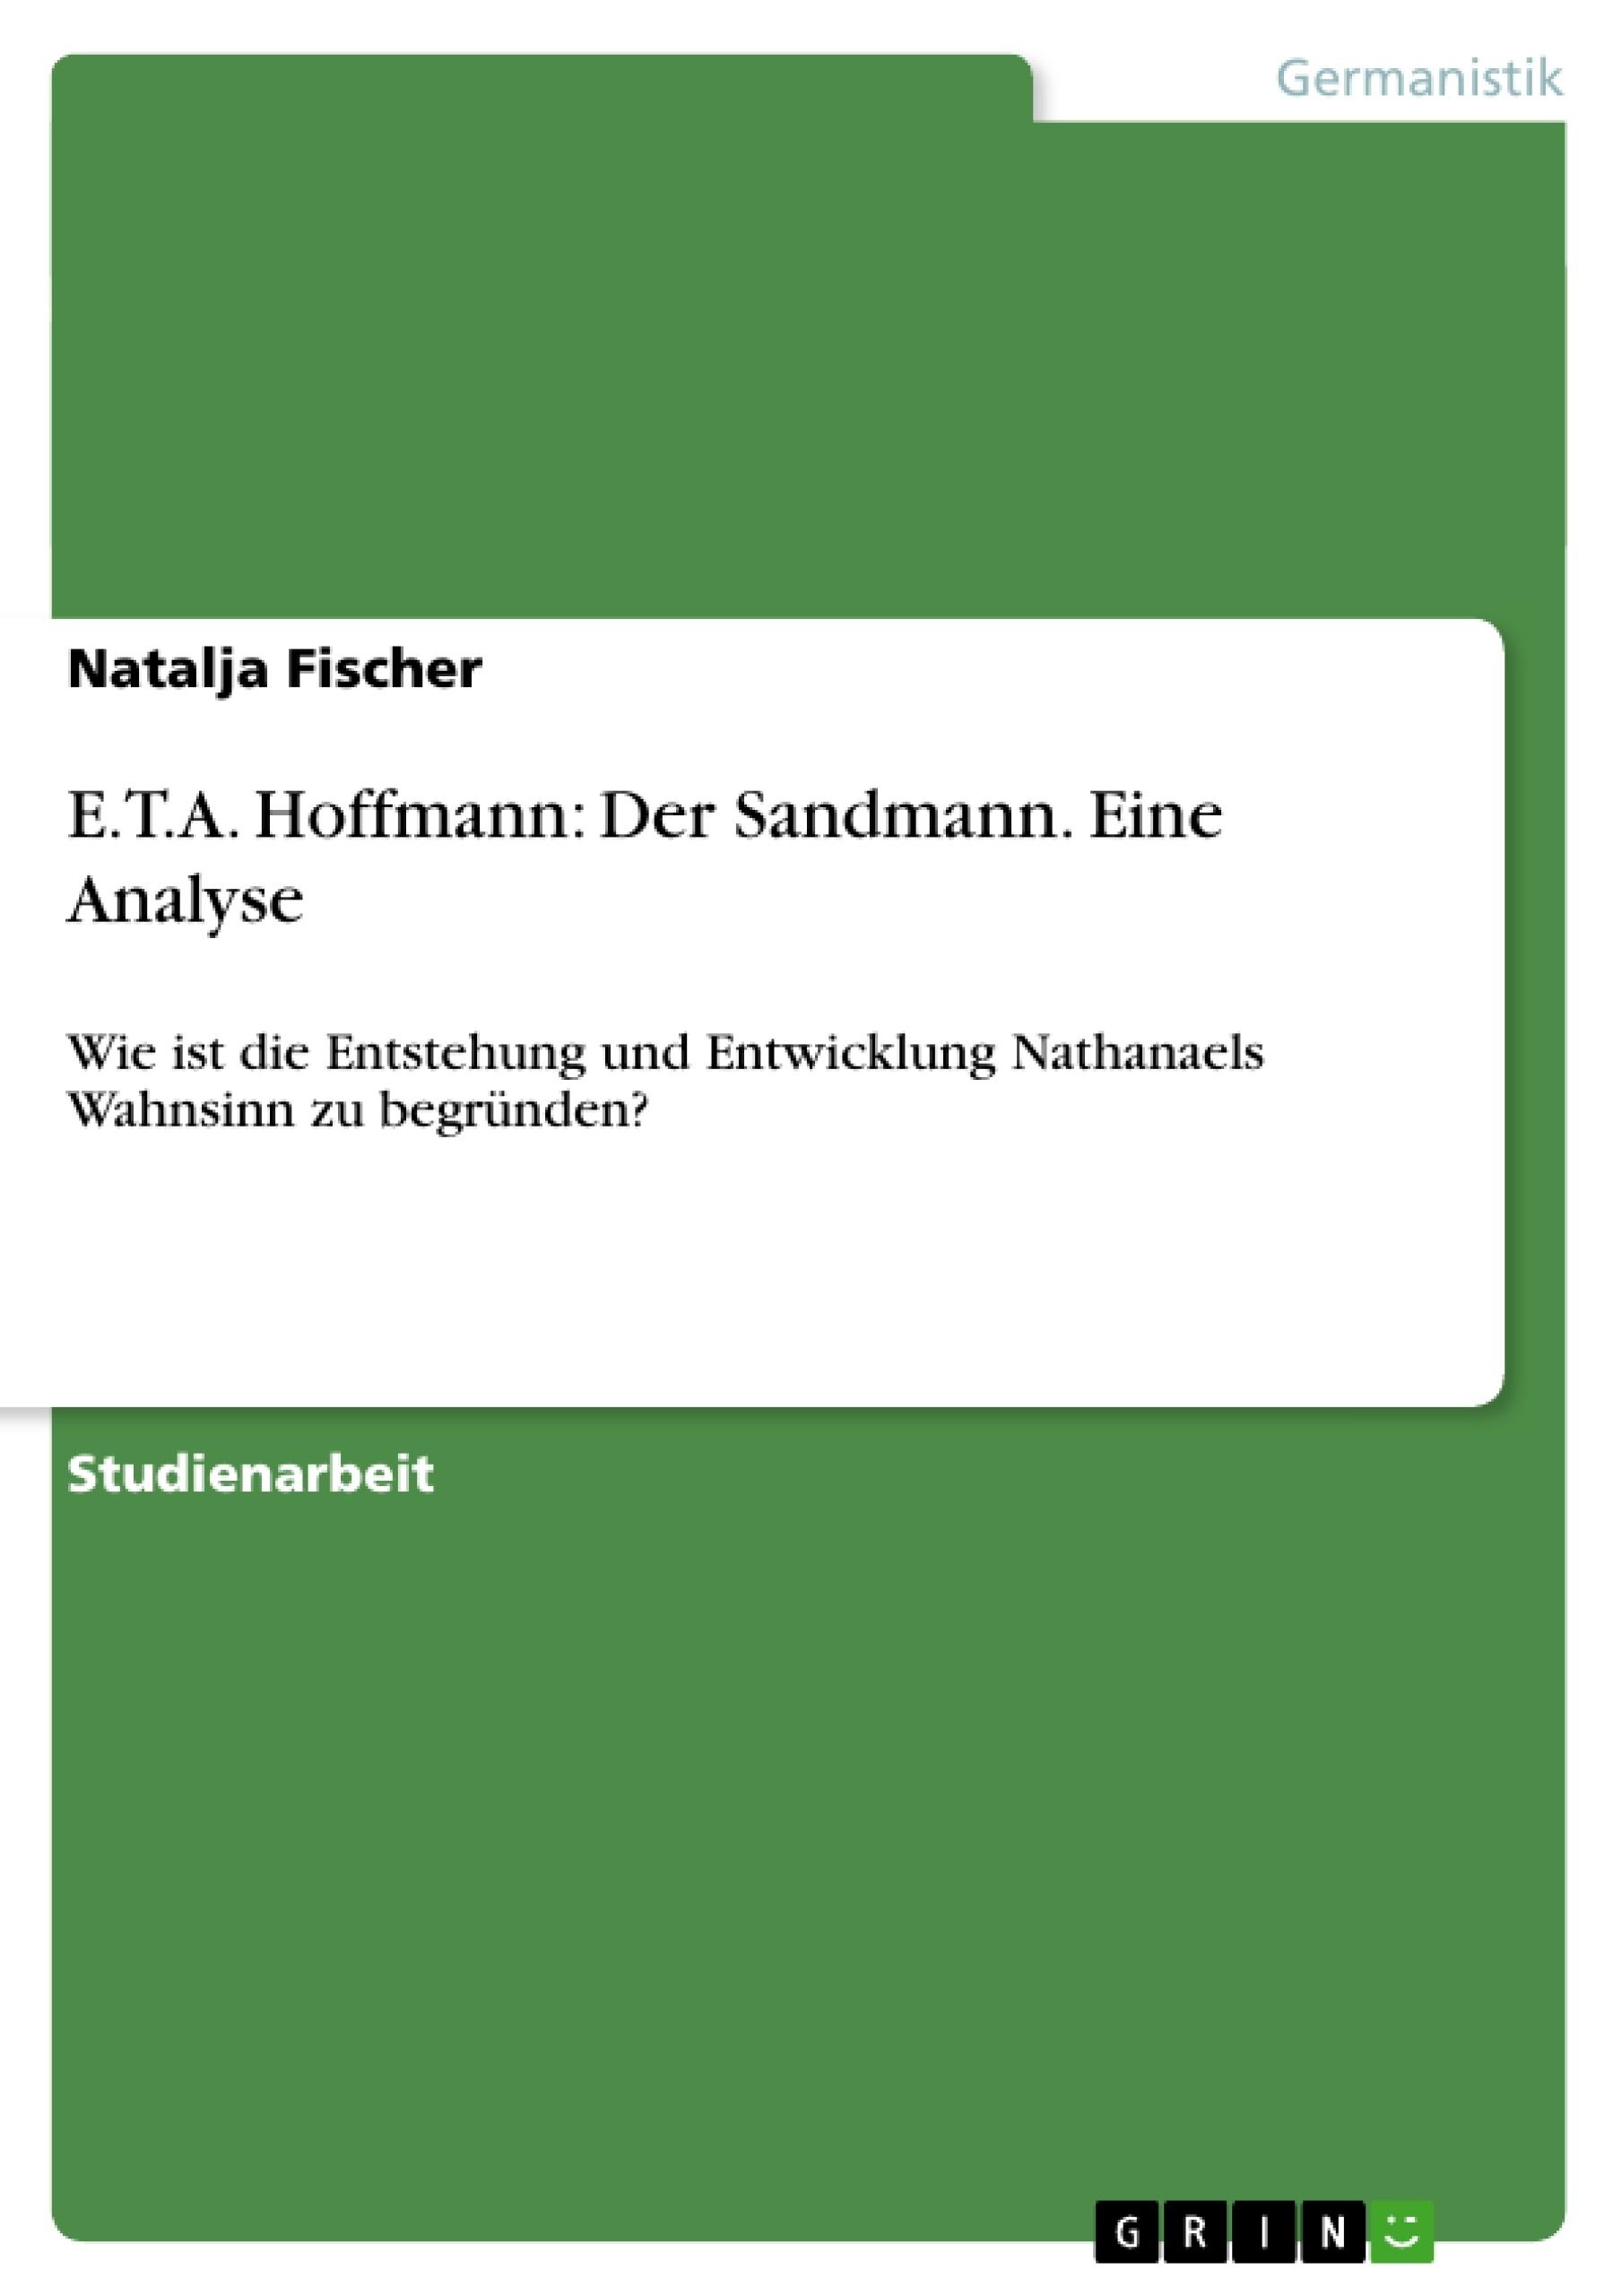 Titel: E.T.A. Hoffmann: Der Sandmann. Eine Analyse